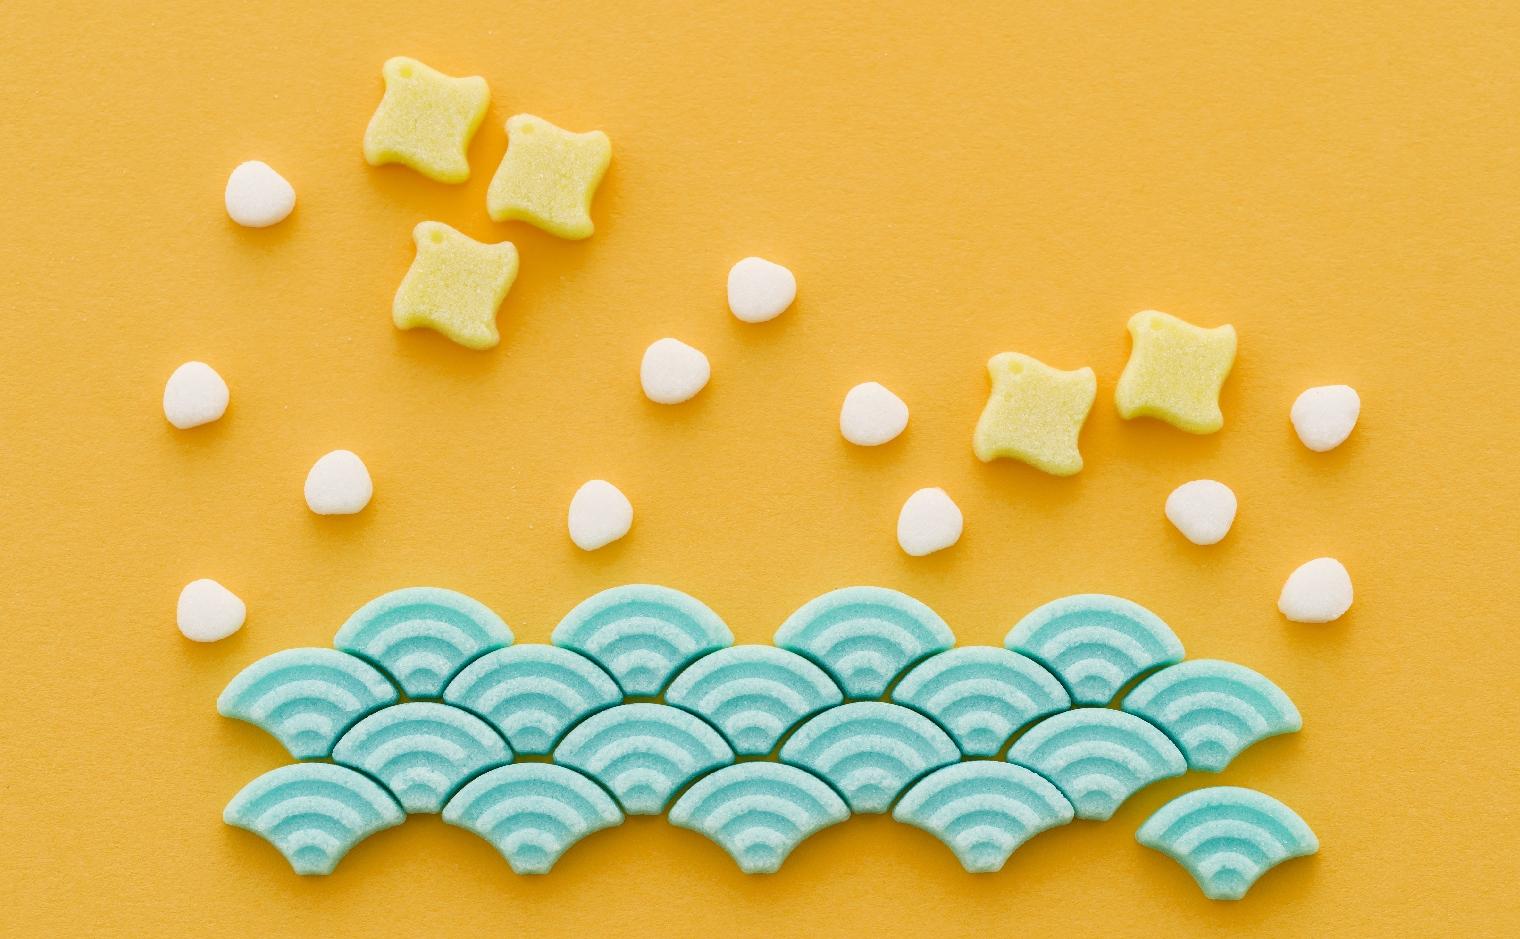 デザインシュガー,物語のある砂糖,かわいい,可愛い,千鳥卍,青海波,お正月,お年賀,手土産,ご挨拶,日本,伝統,縁起,柄